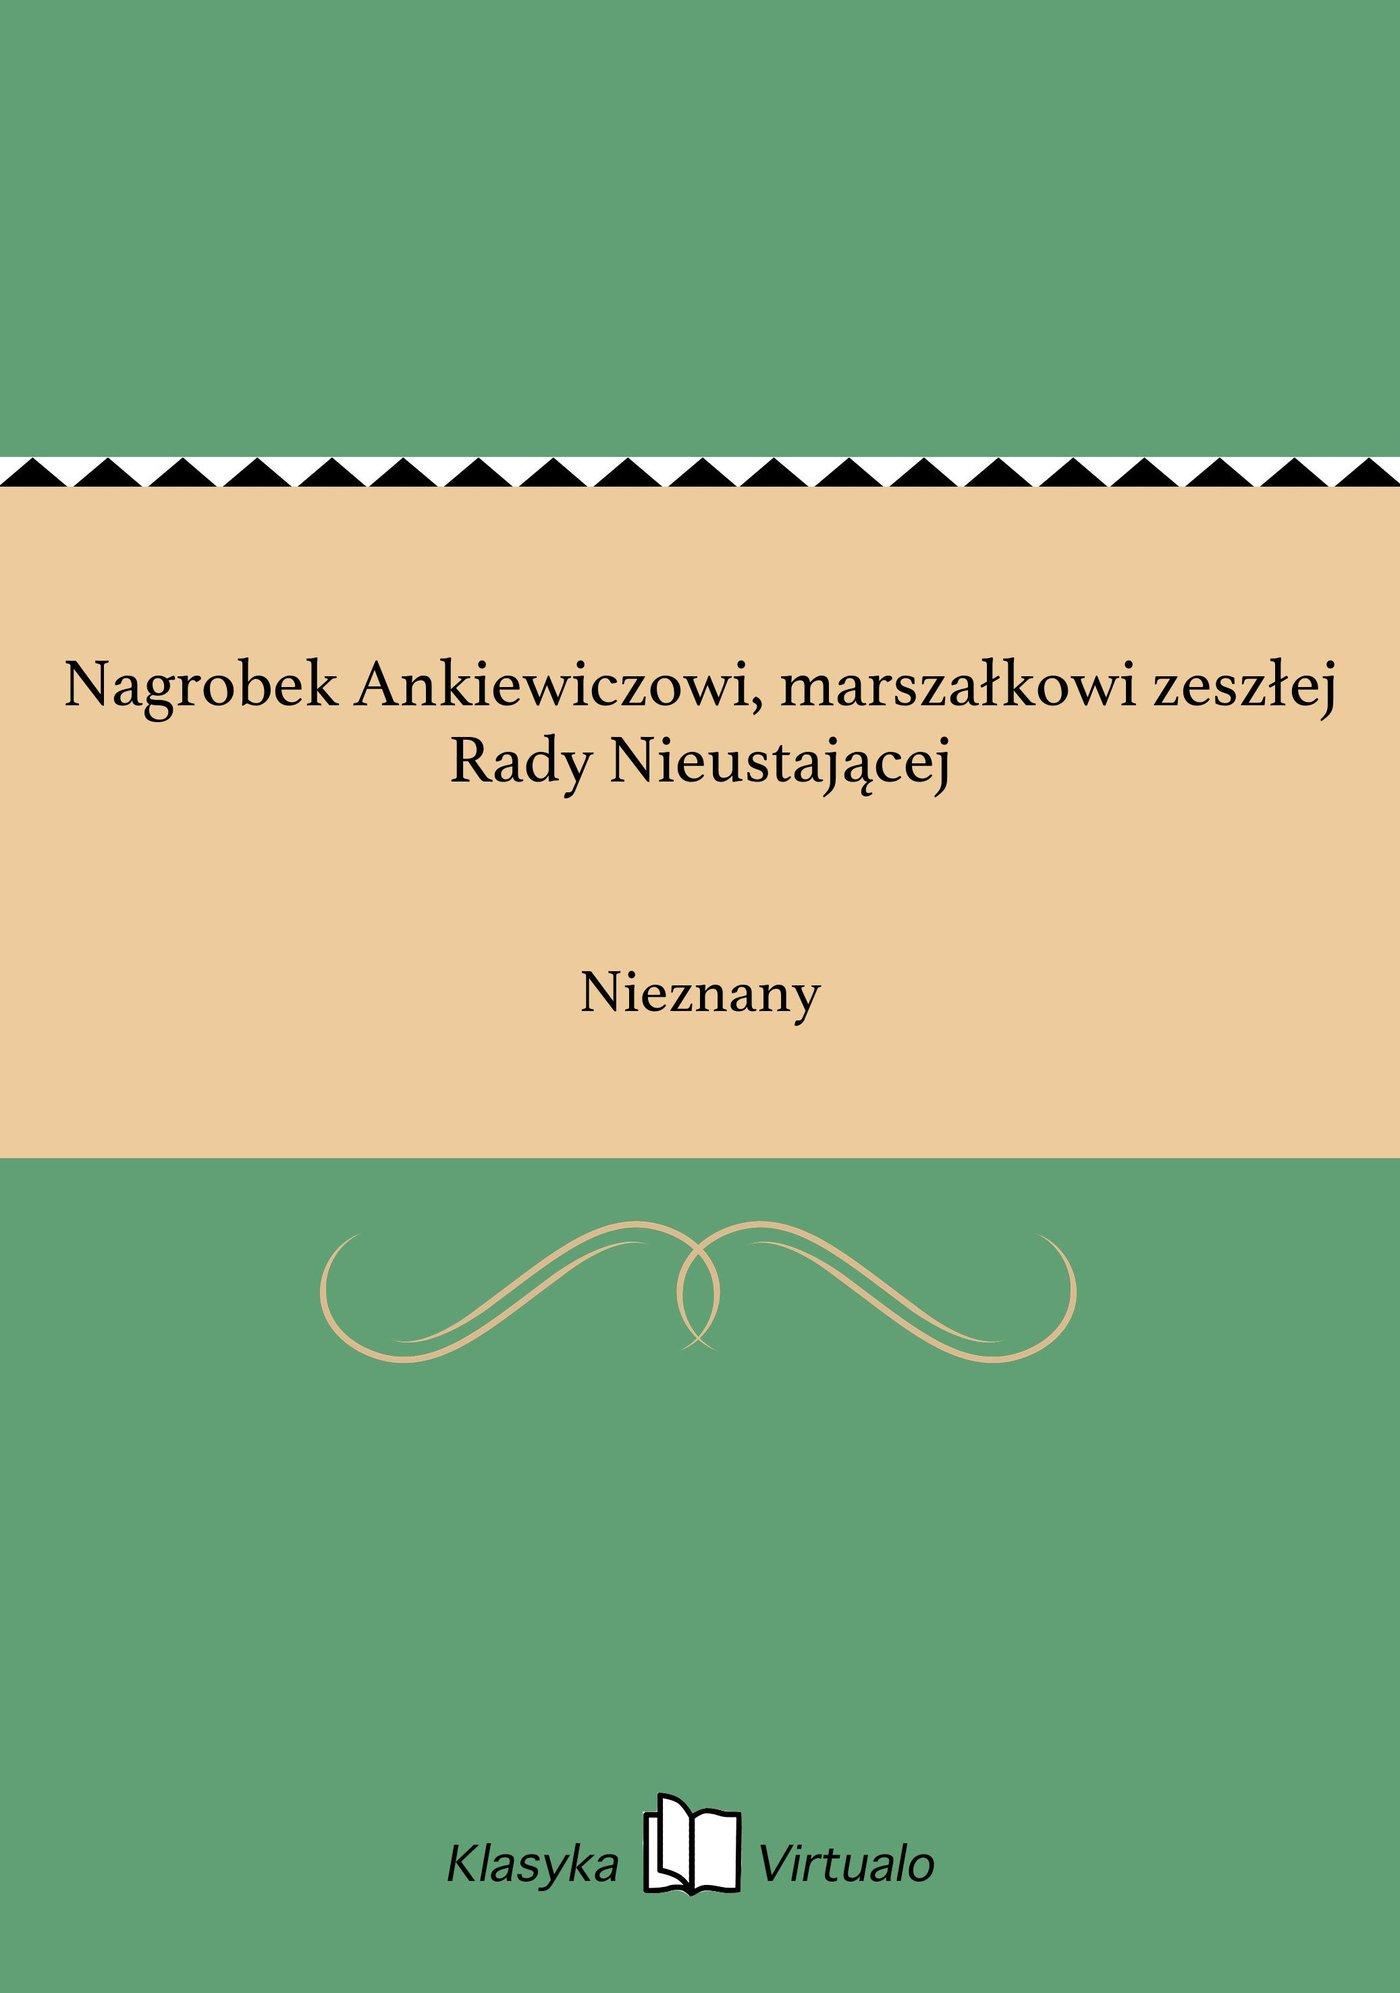 Nagrobek Ankiewiczowi, marszałkowi zeszłej Rady Nieustającej - Ebook (Książka EPUB) do pobrania w formacie EPUB